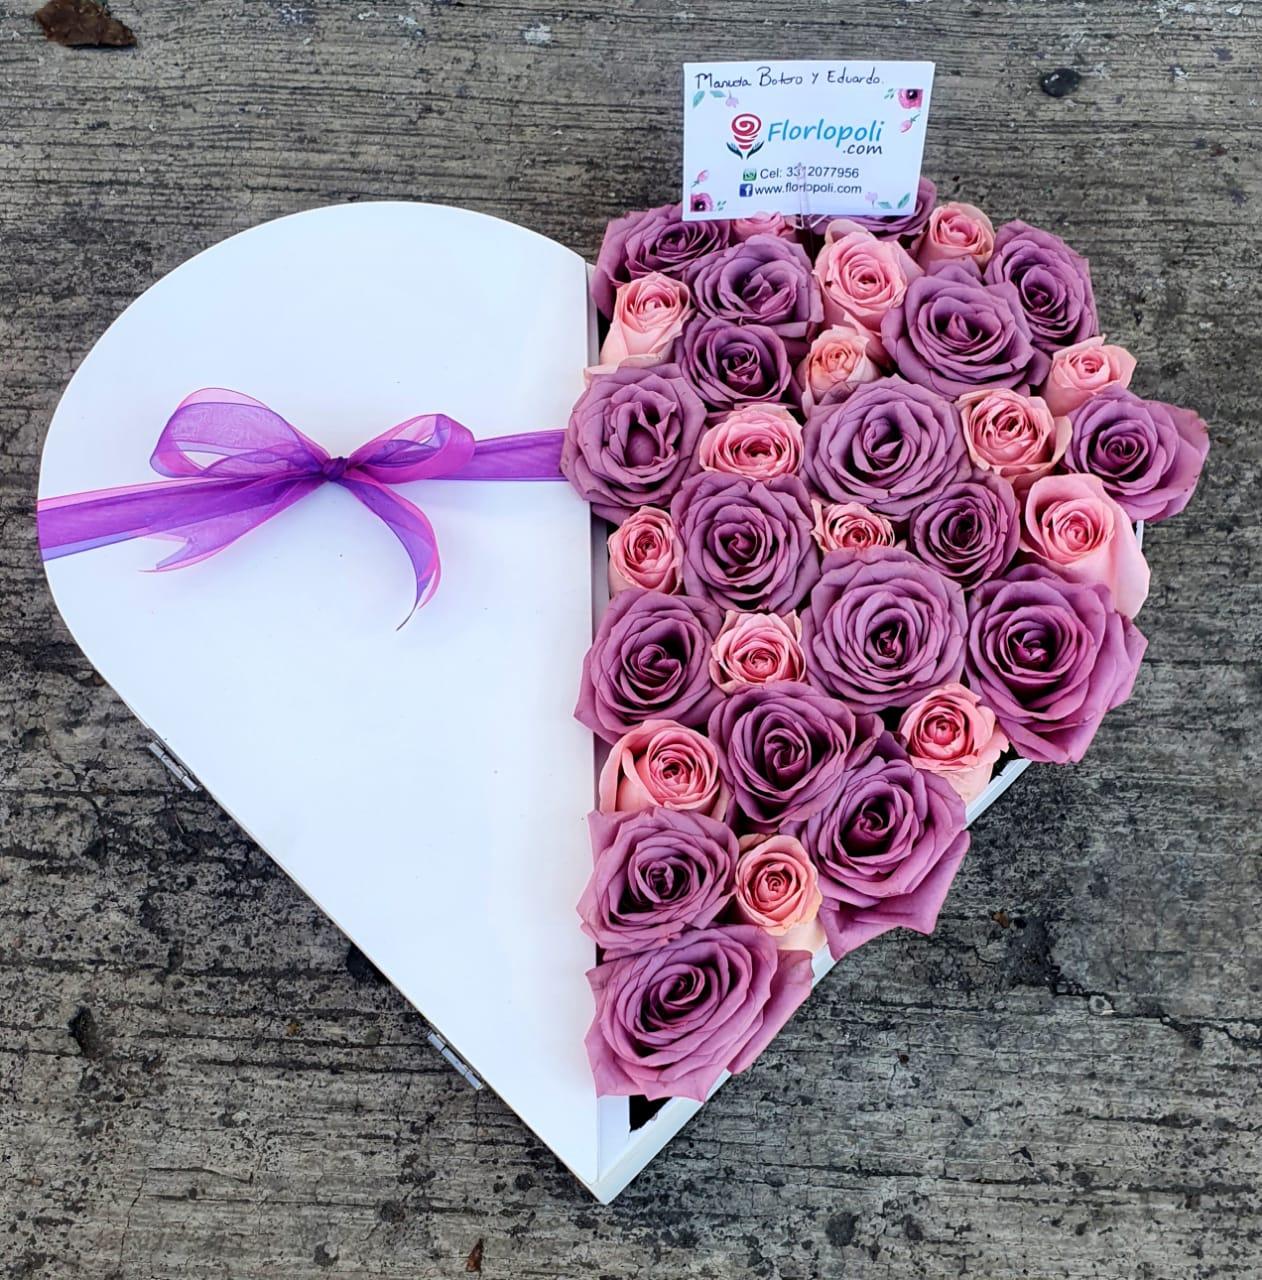 corazon de rosas rosas y lilas con chocolates